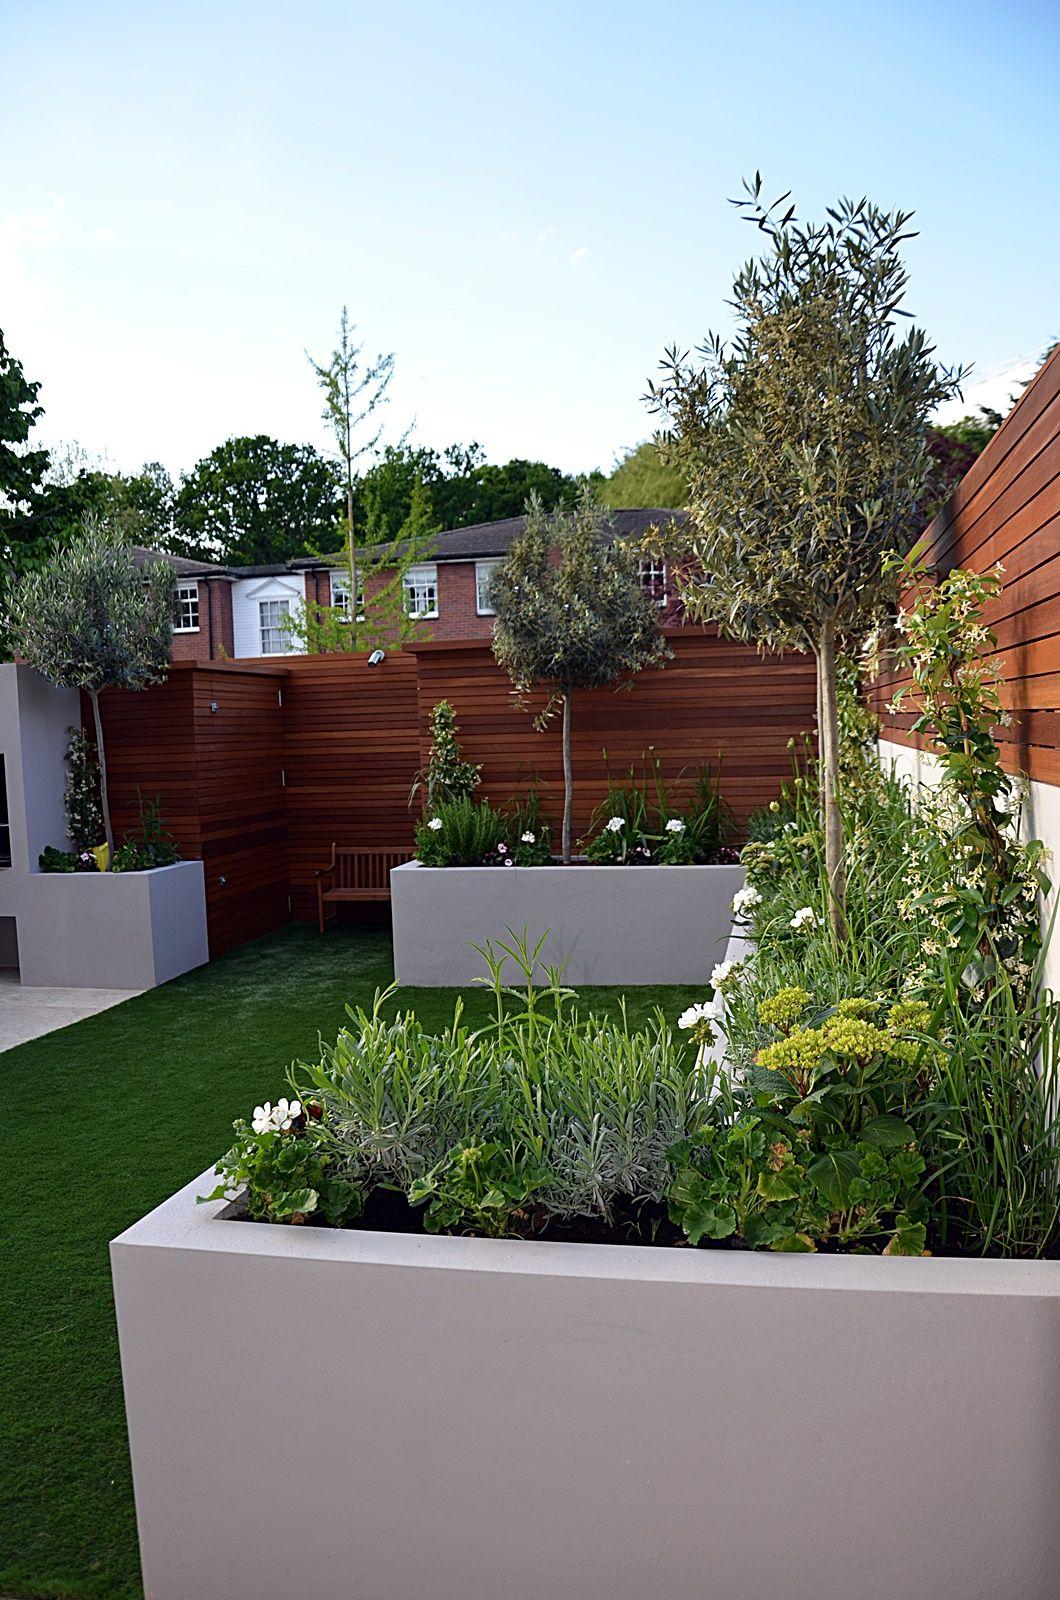 Modern garden house  modern garden designer streatham balham clapham london  Small